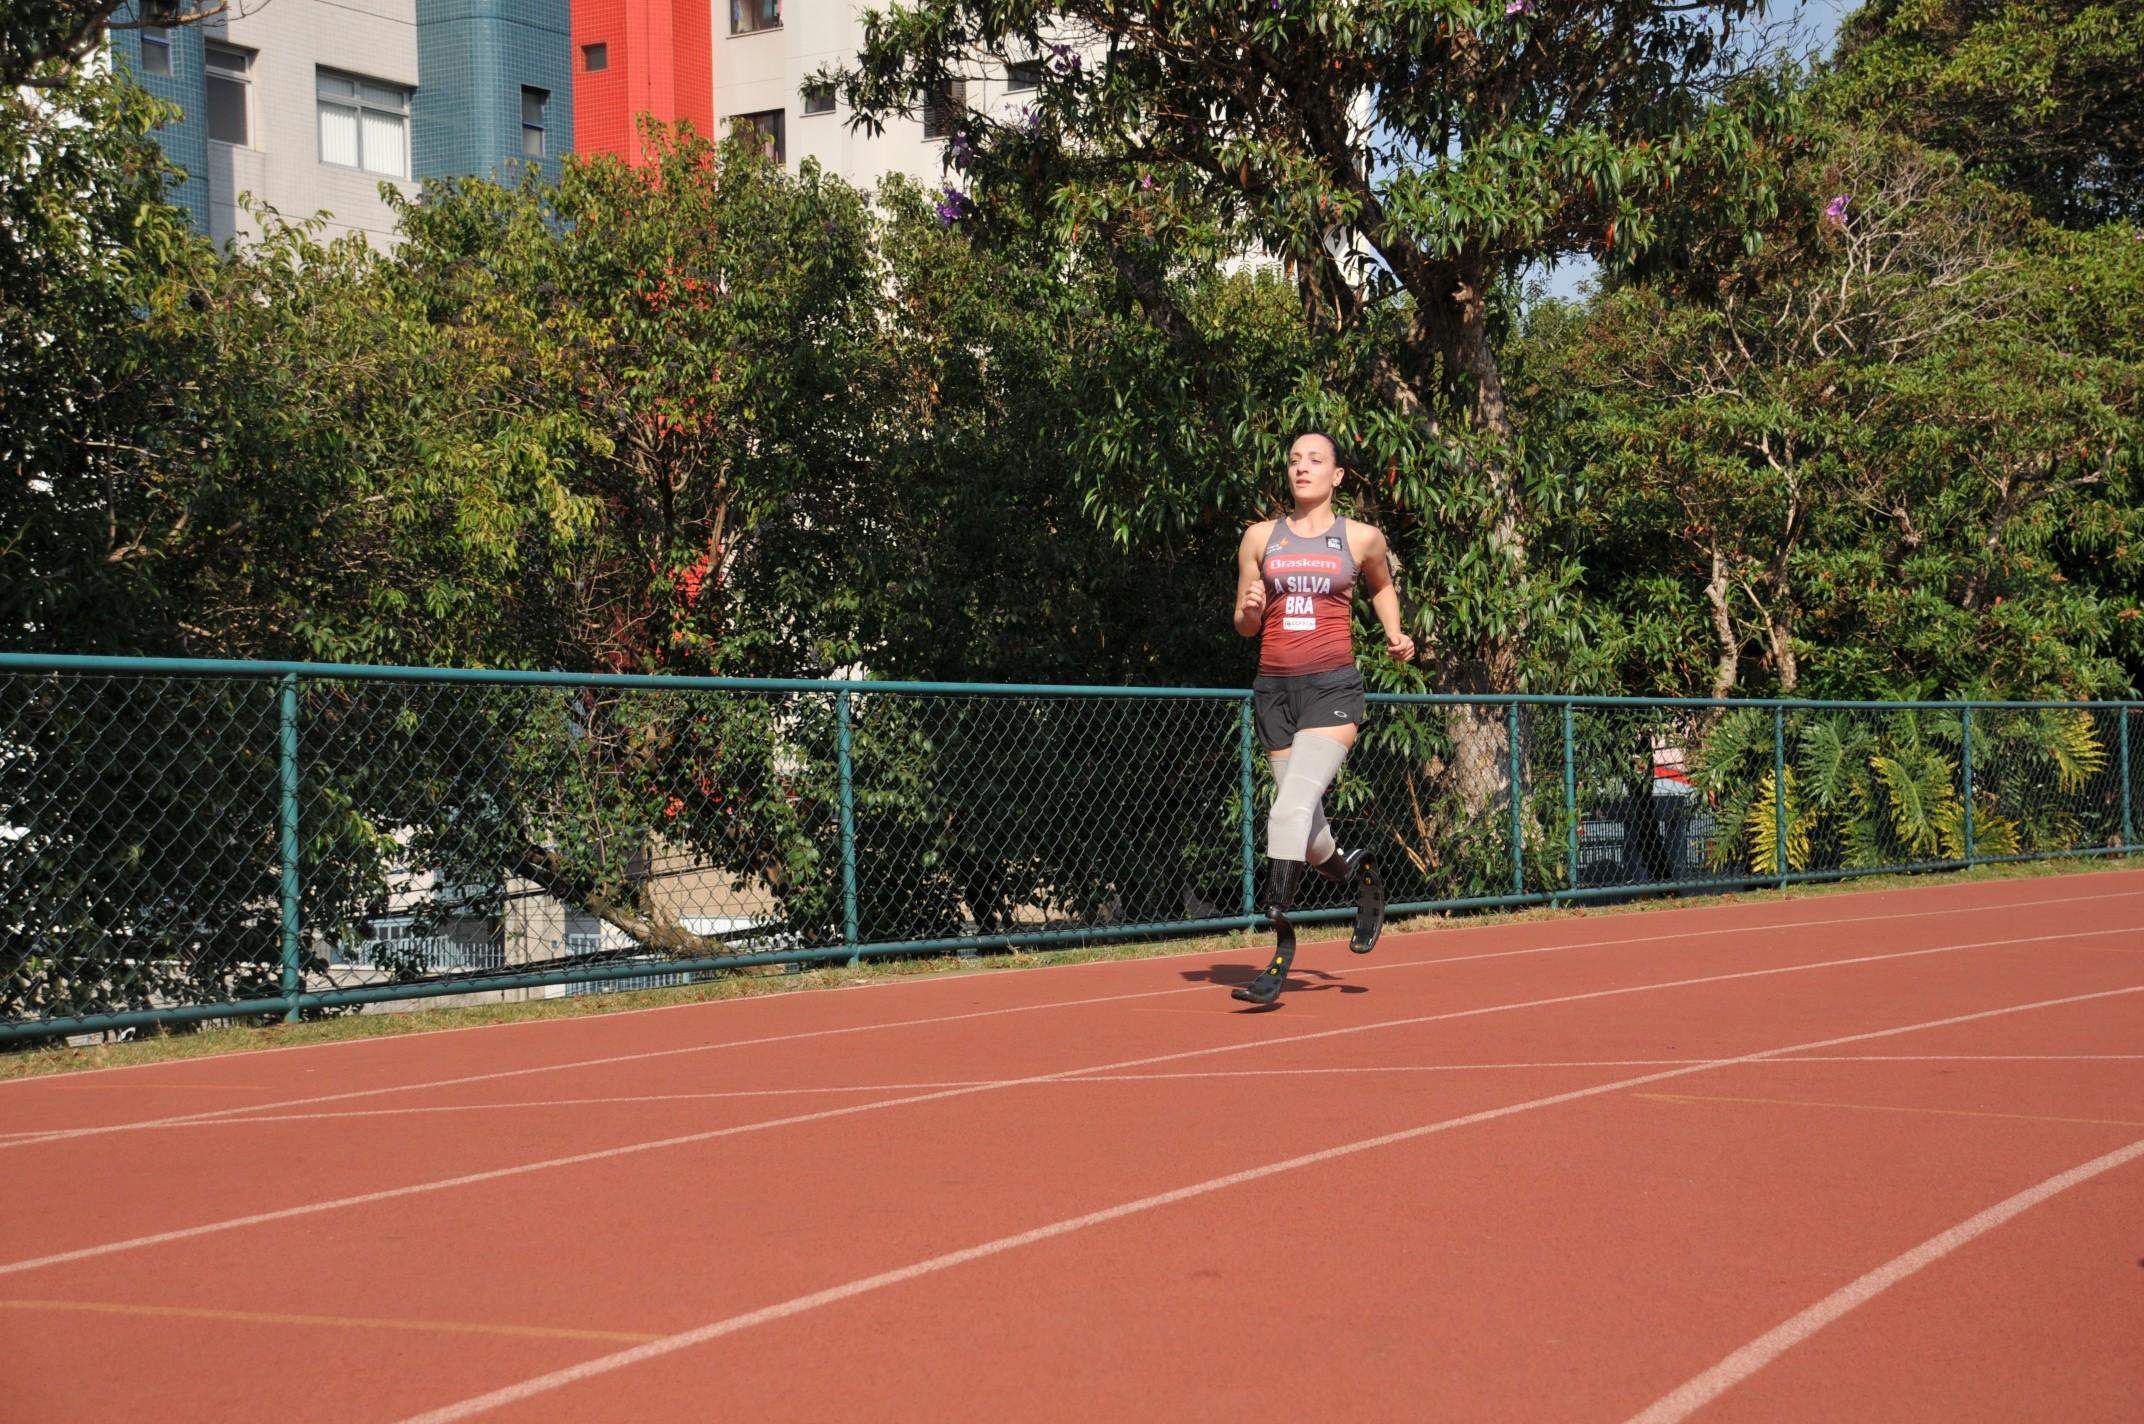 LEG Para os treinos na pista de atletismo do Bolão, em Jundiaí, Adriele utiliza as lâminas próprias para corrida  (Foto: Guto Gonçalves/Estúdio13)